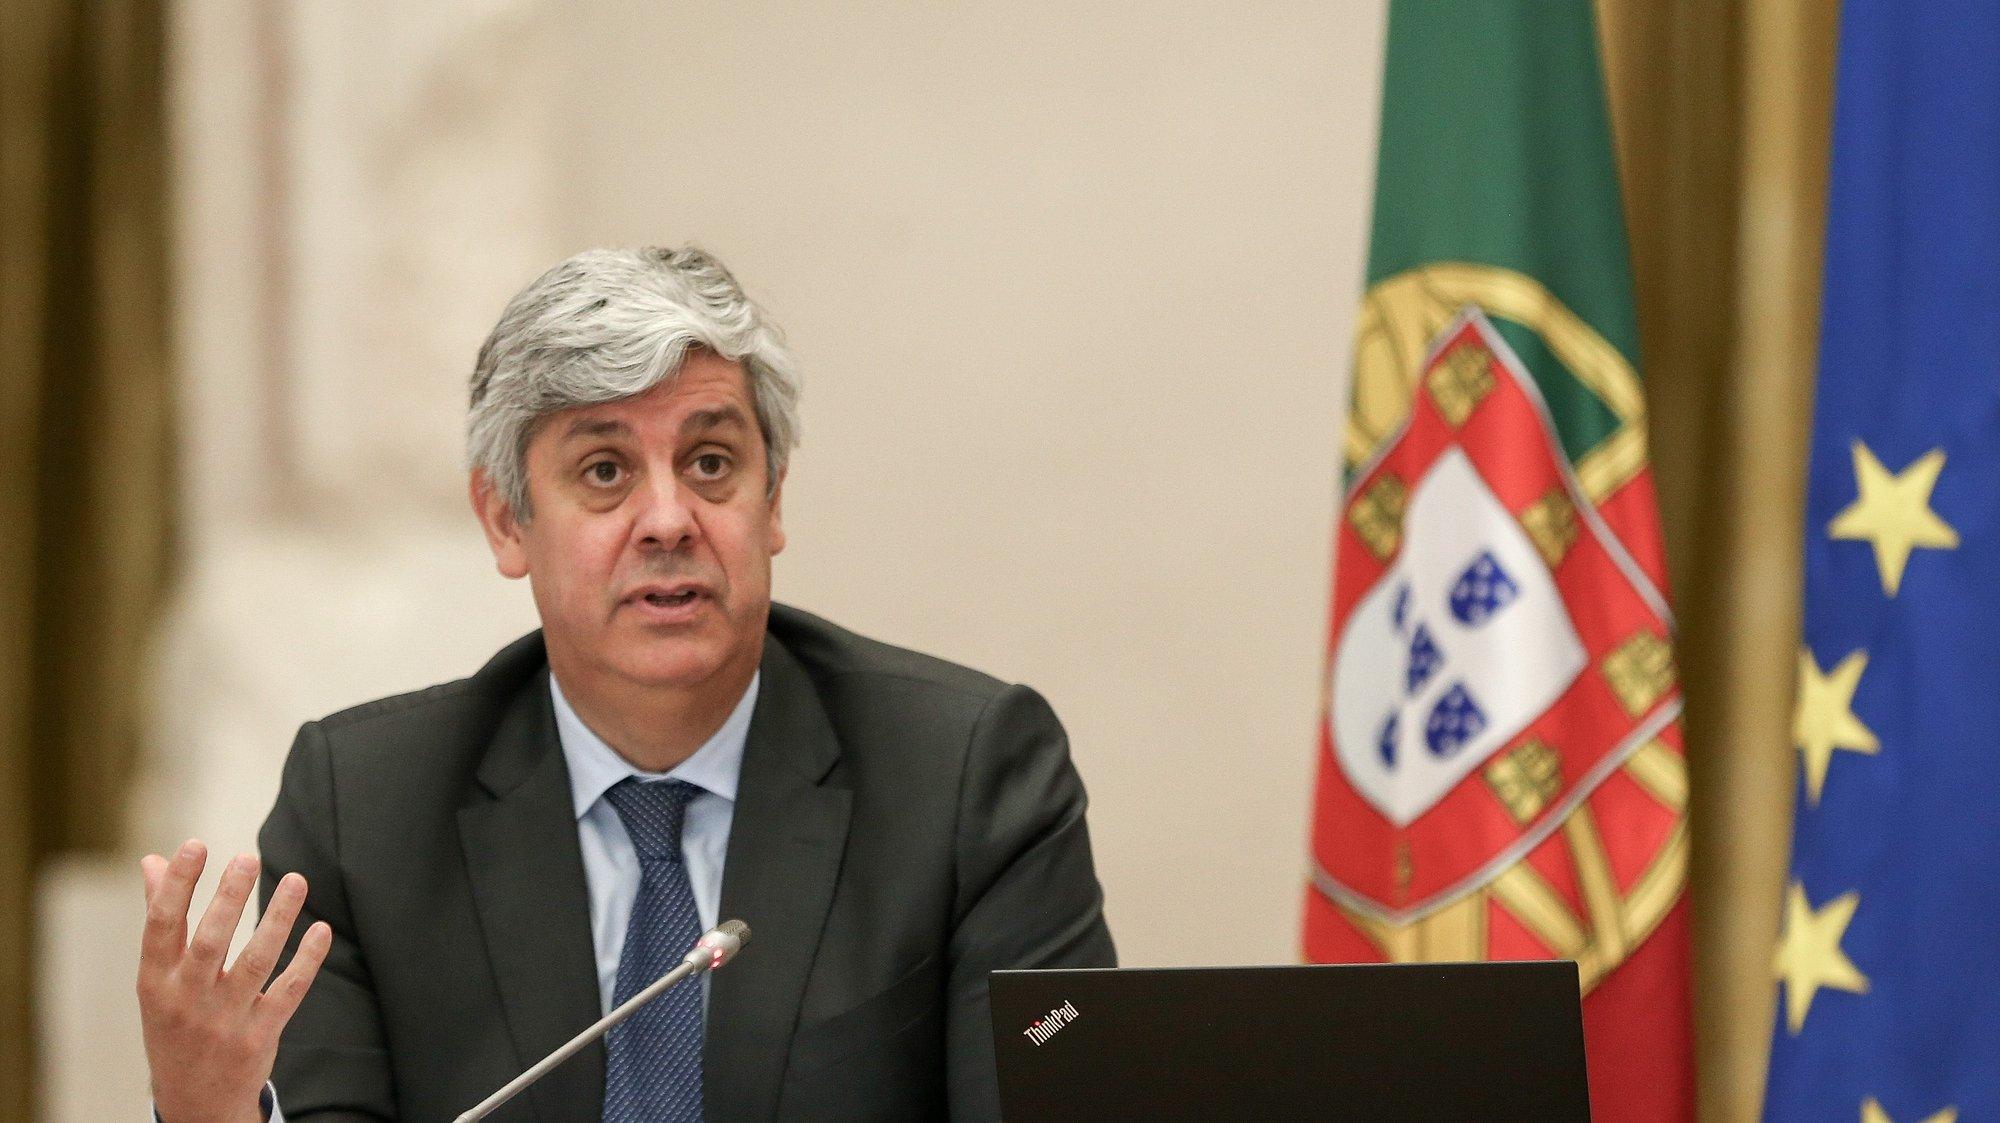 O governador do Banco de Portugal (BdP), Mário Centeno, durante a apresentação do relatório do conselho de administração de Aividade e Contas relativo a 2020, na Nave do Museu do Dinheiro do BdP, em Lisboa, 13 de maio de 2021. MANUEL DE ALMEIDA/LUSA